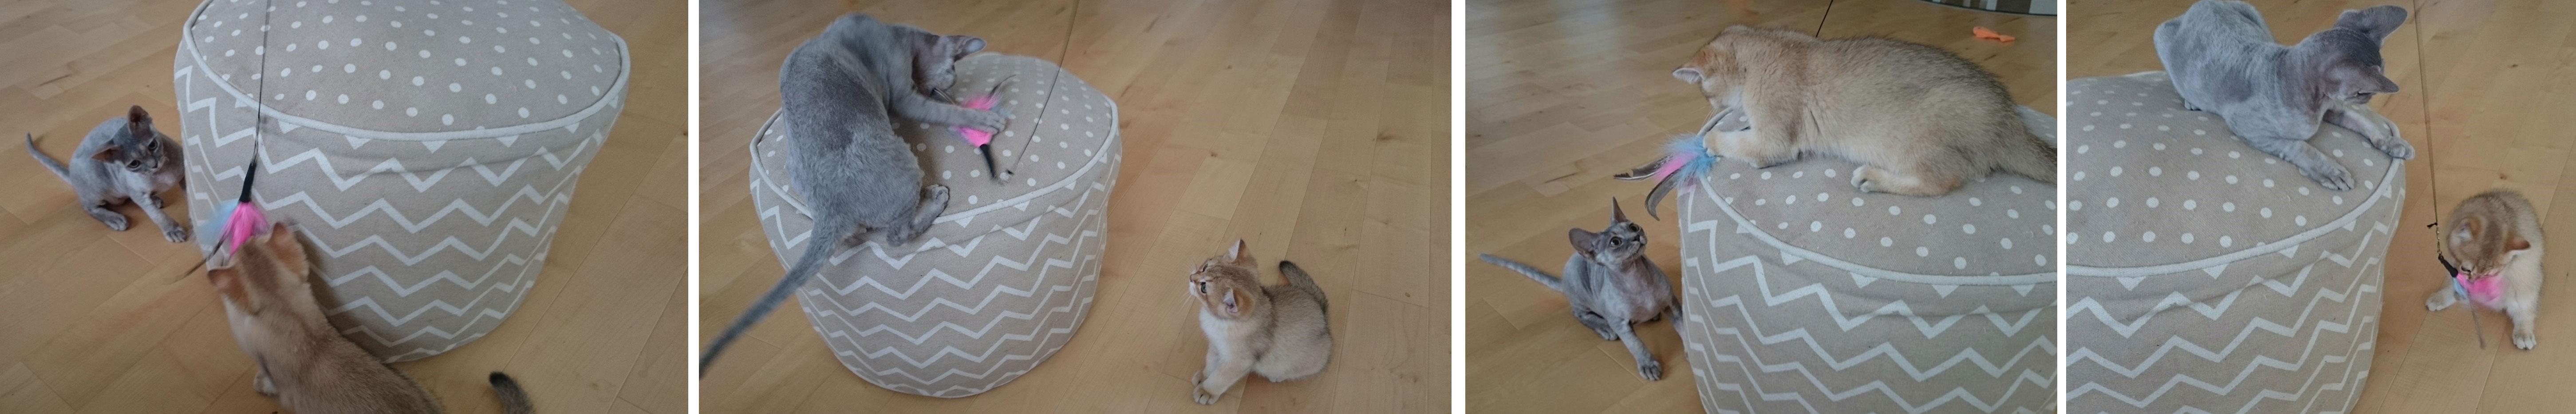 Katzenangel oder Katzenwedel - Katzenspielzeug